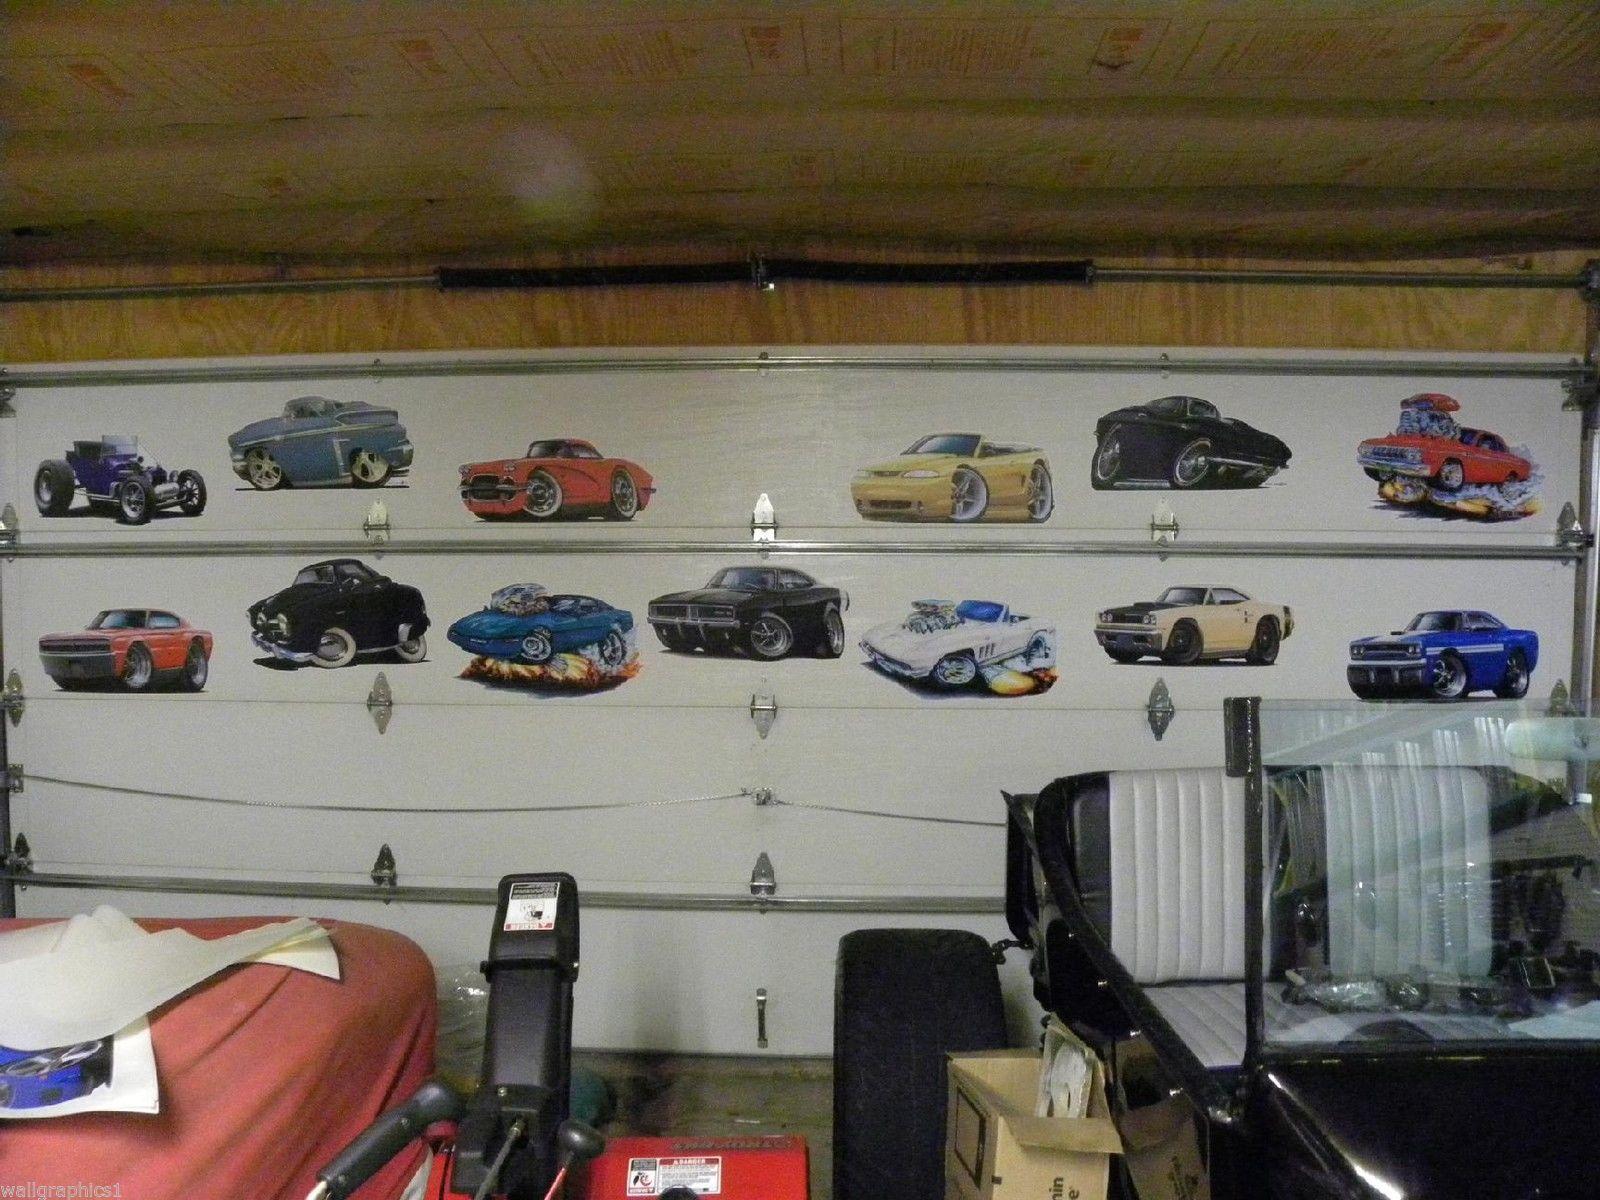 Peterbilt Big Rig Semi Truck Cartoon 3 Sizes Decal Wall